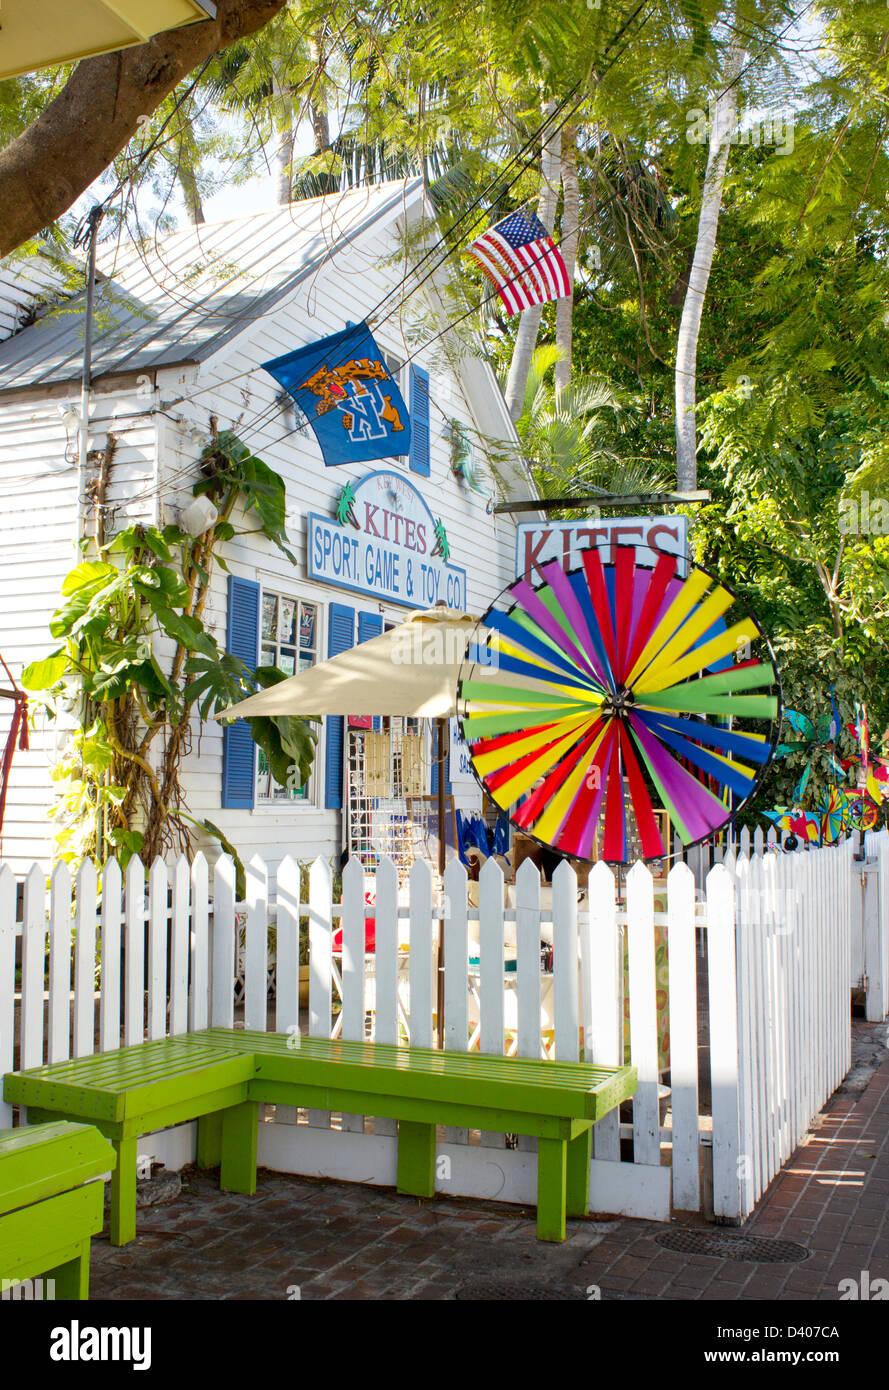 Key West kite shop. - Stock Image